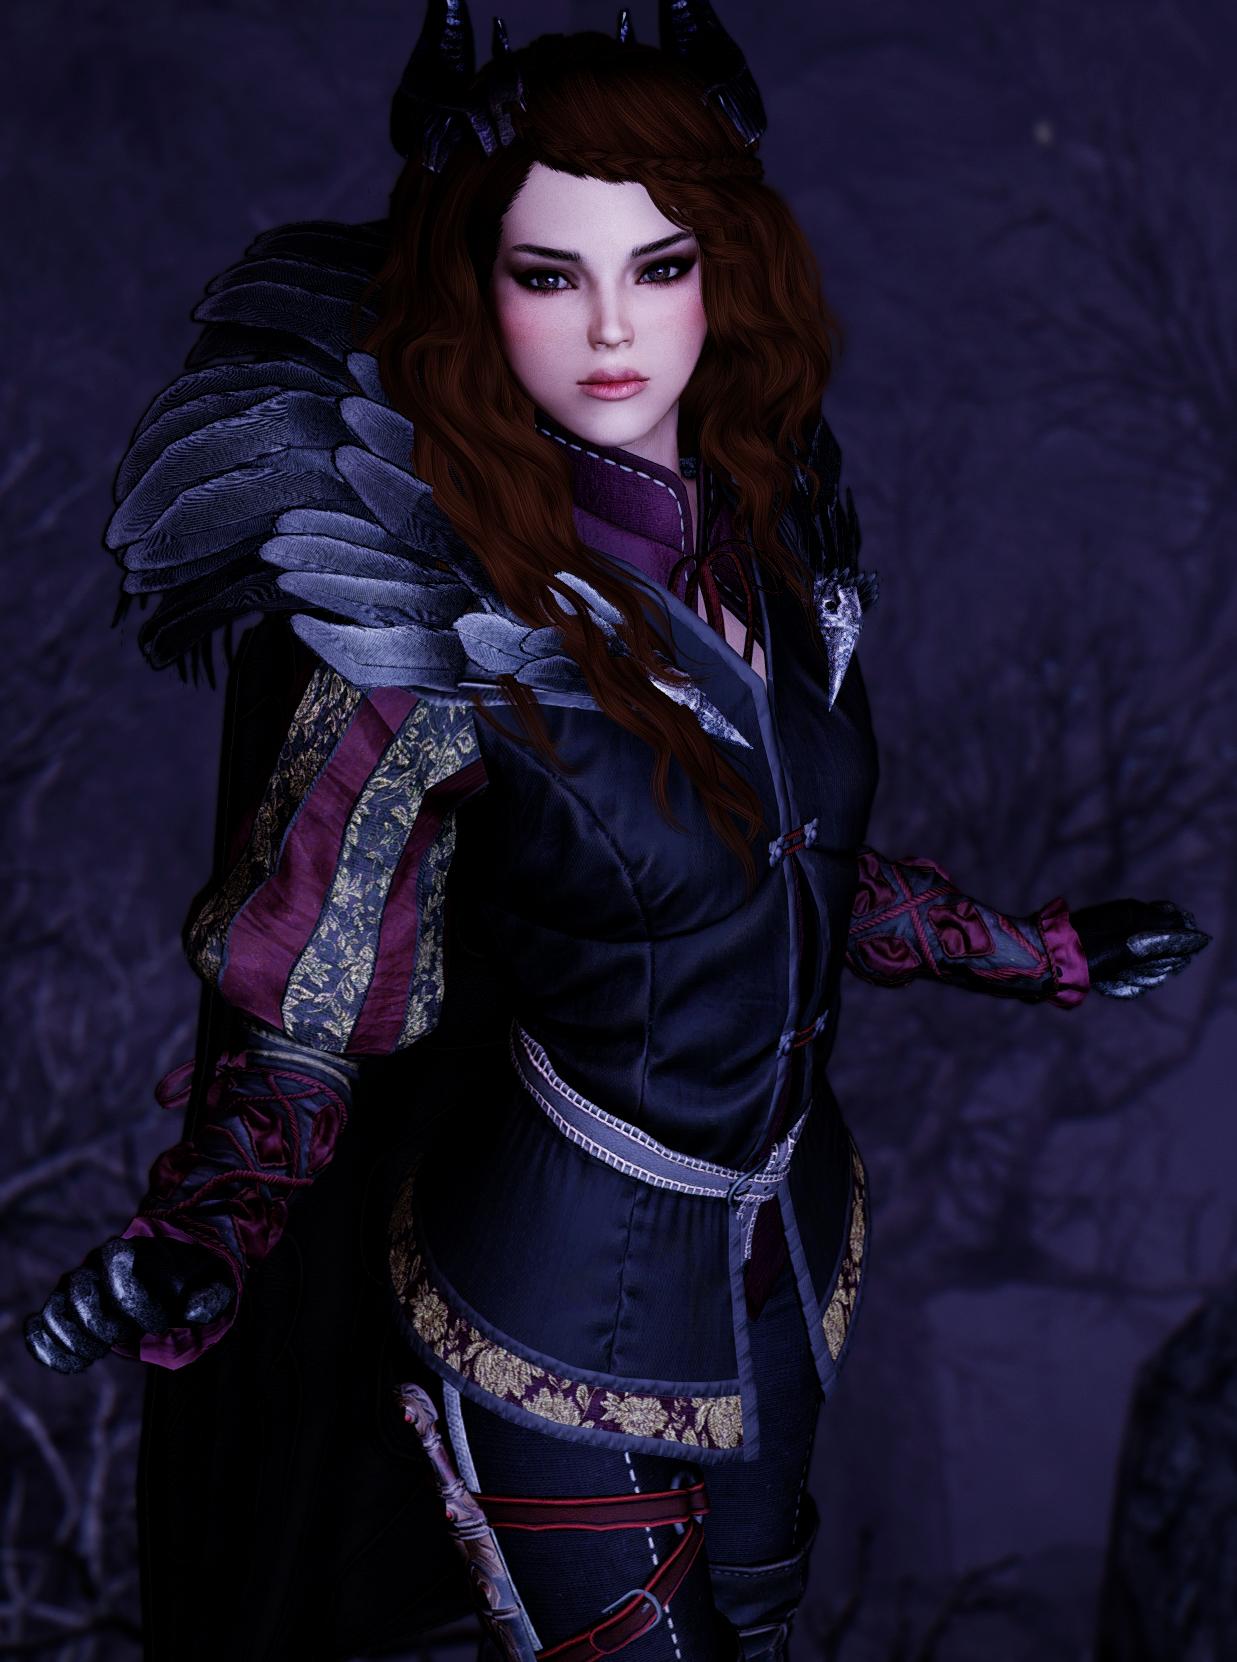 34150315183_9a1f91eb29_o.jpg - Elder Scrolls 5: Skyrim, the